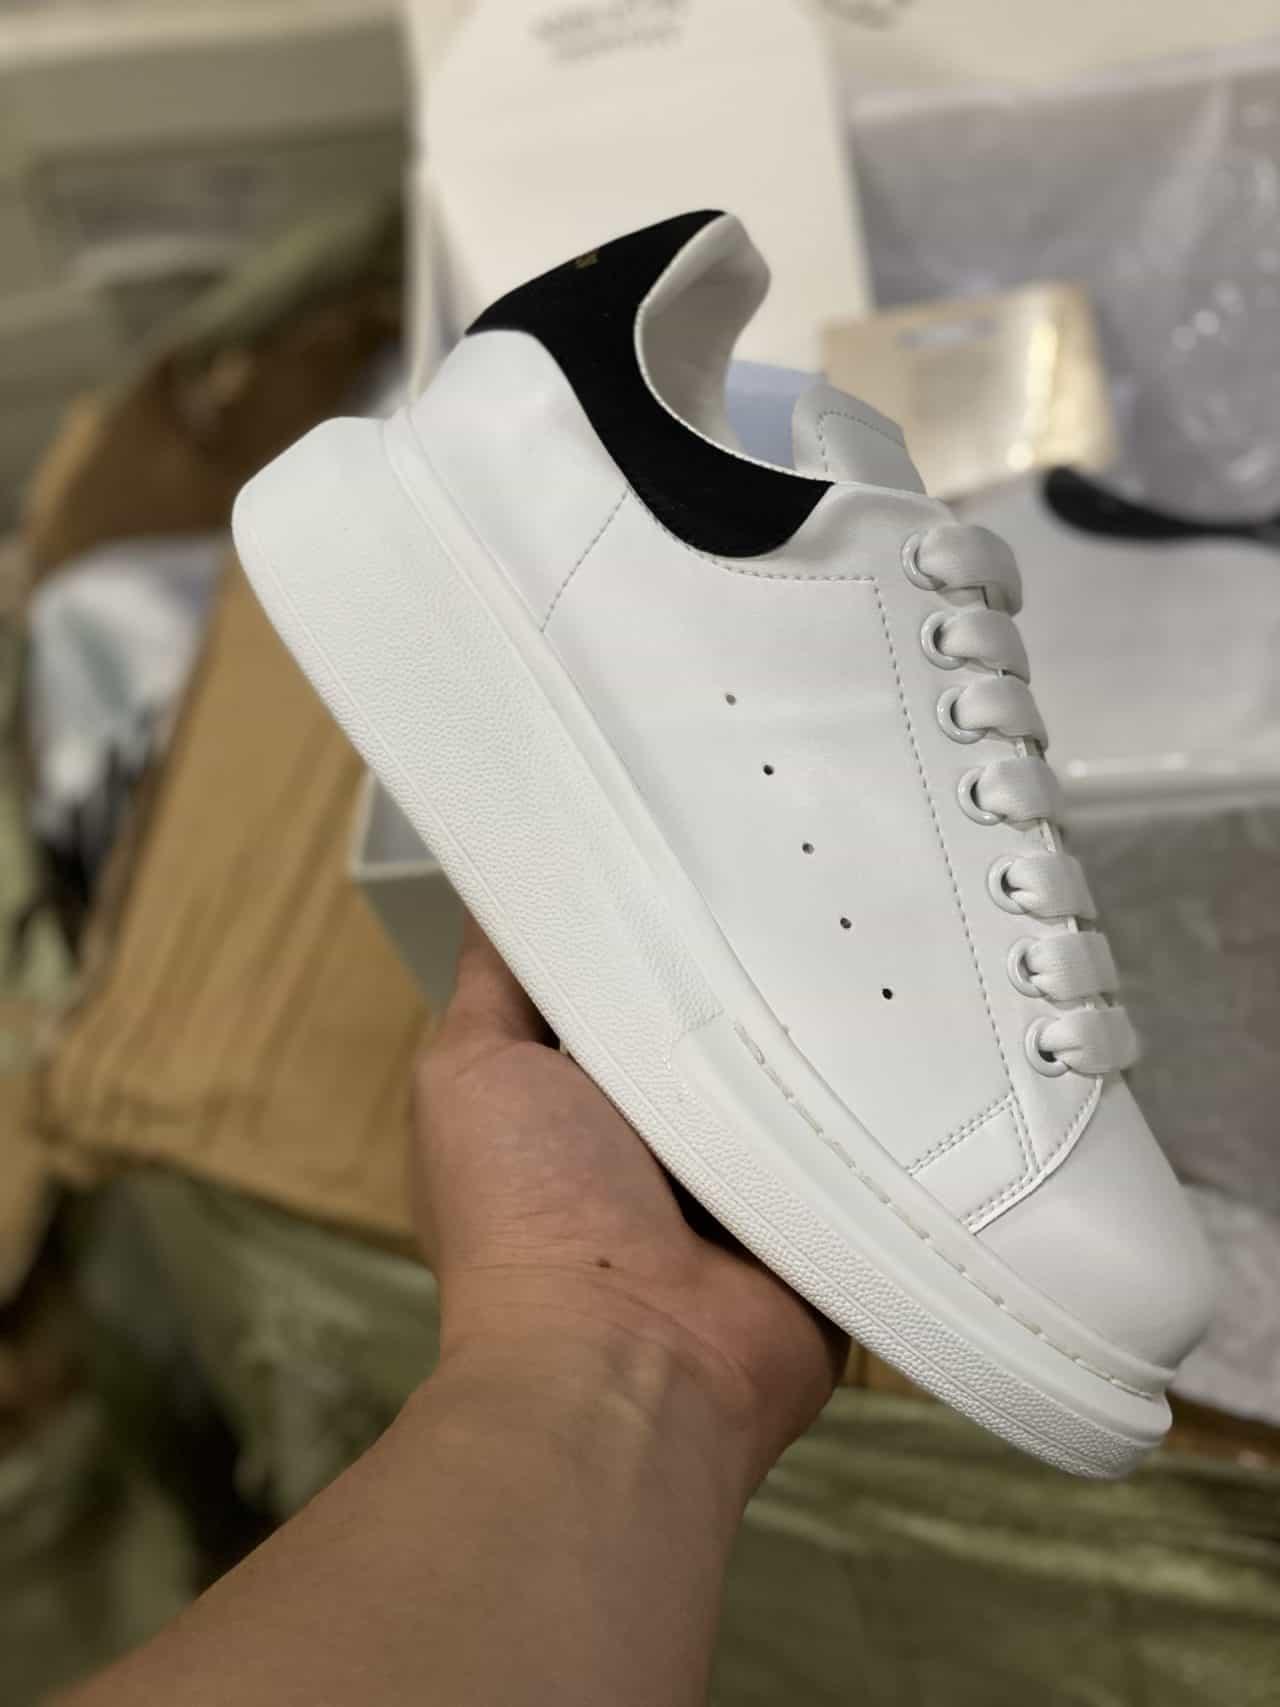 Mẫu giày nam mới nhất 2022 - Giày Alexander Mcqueen